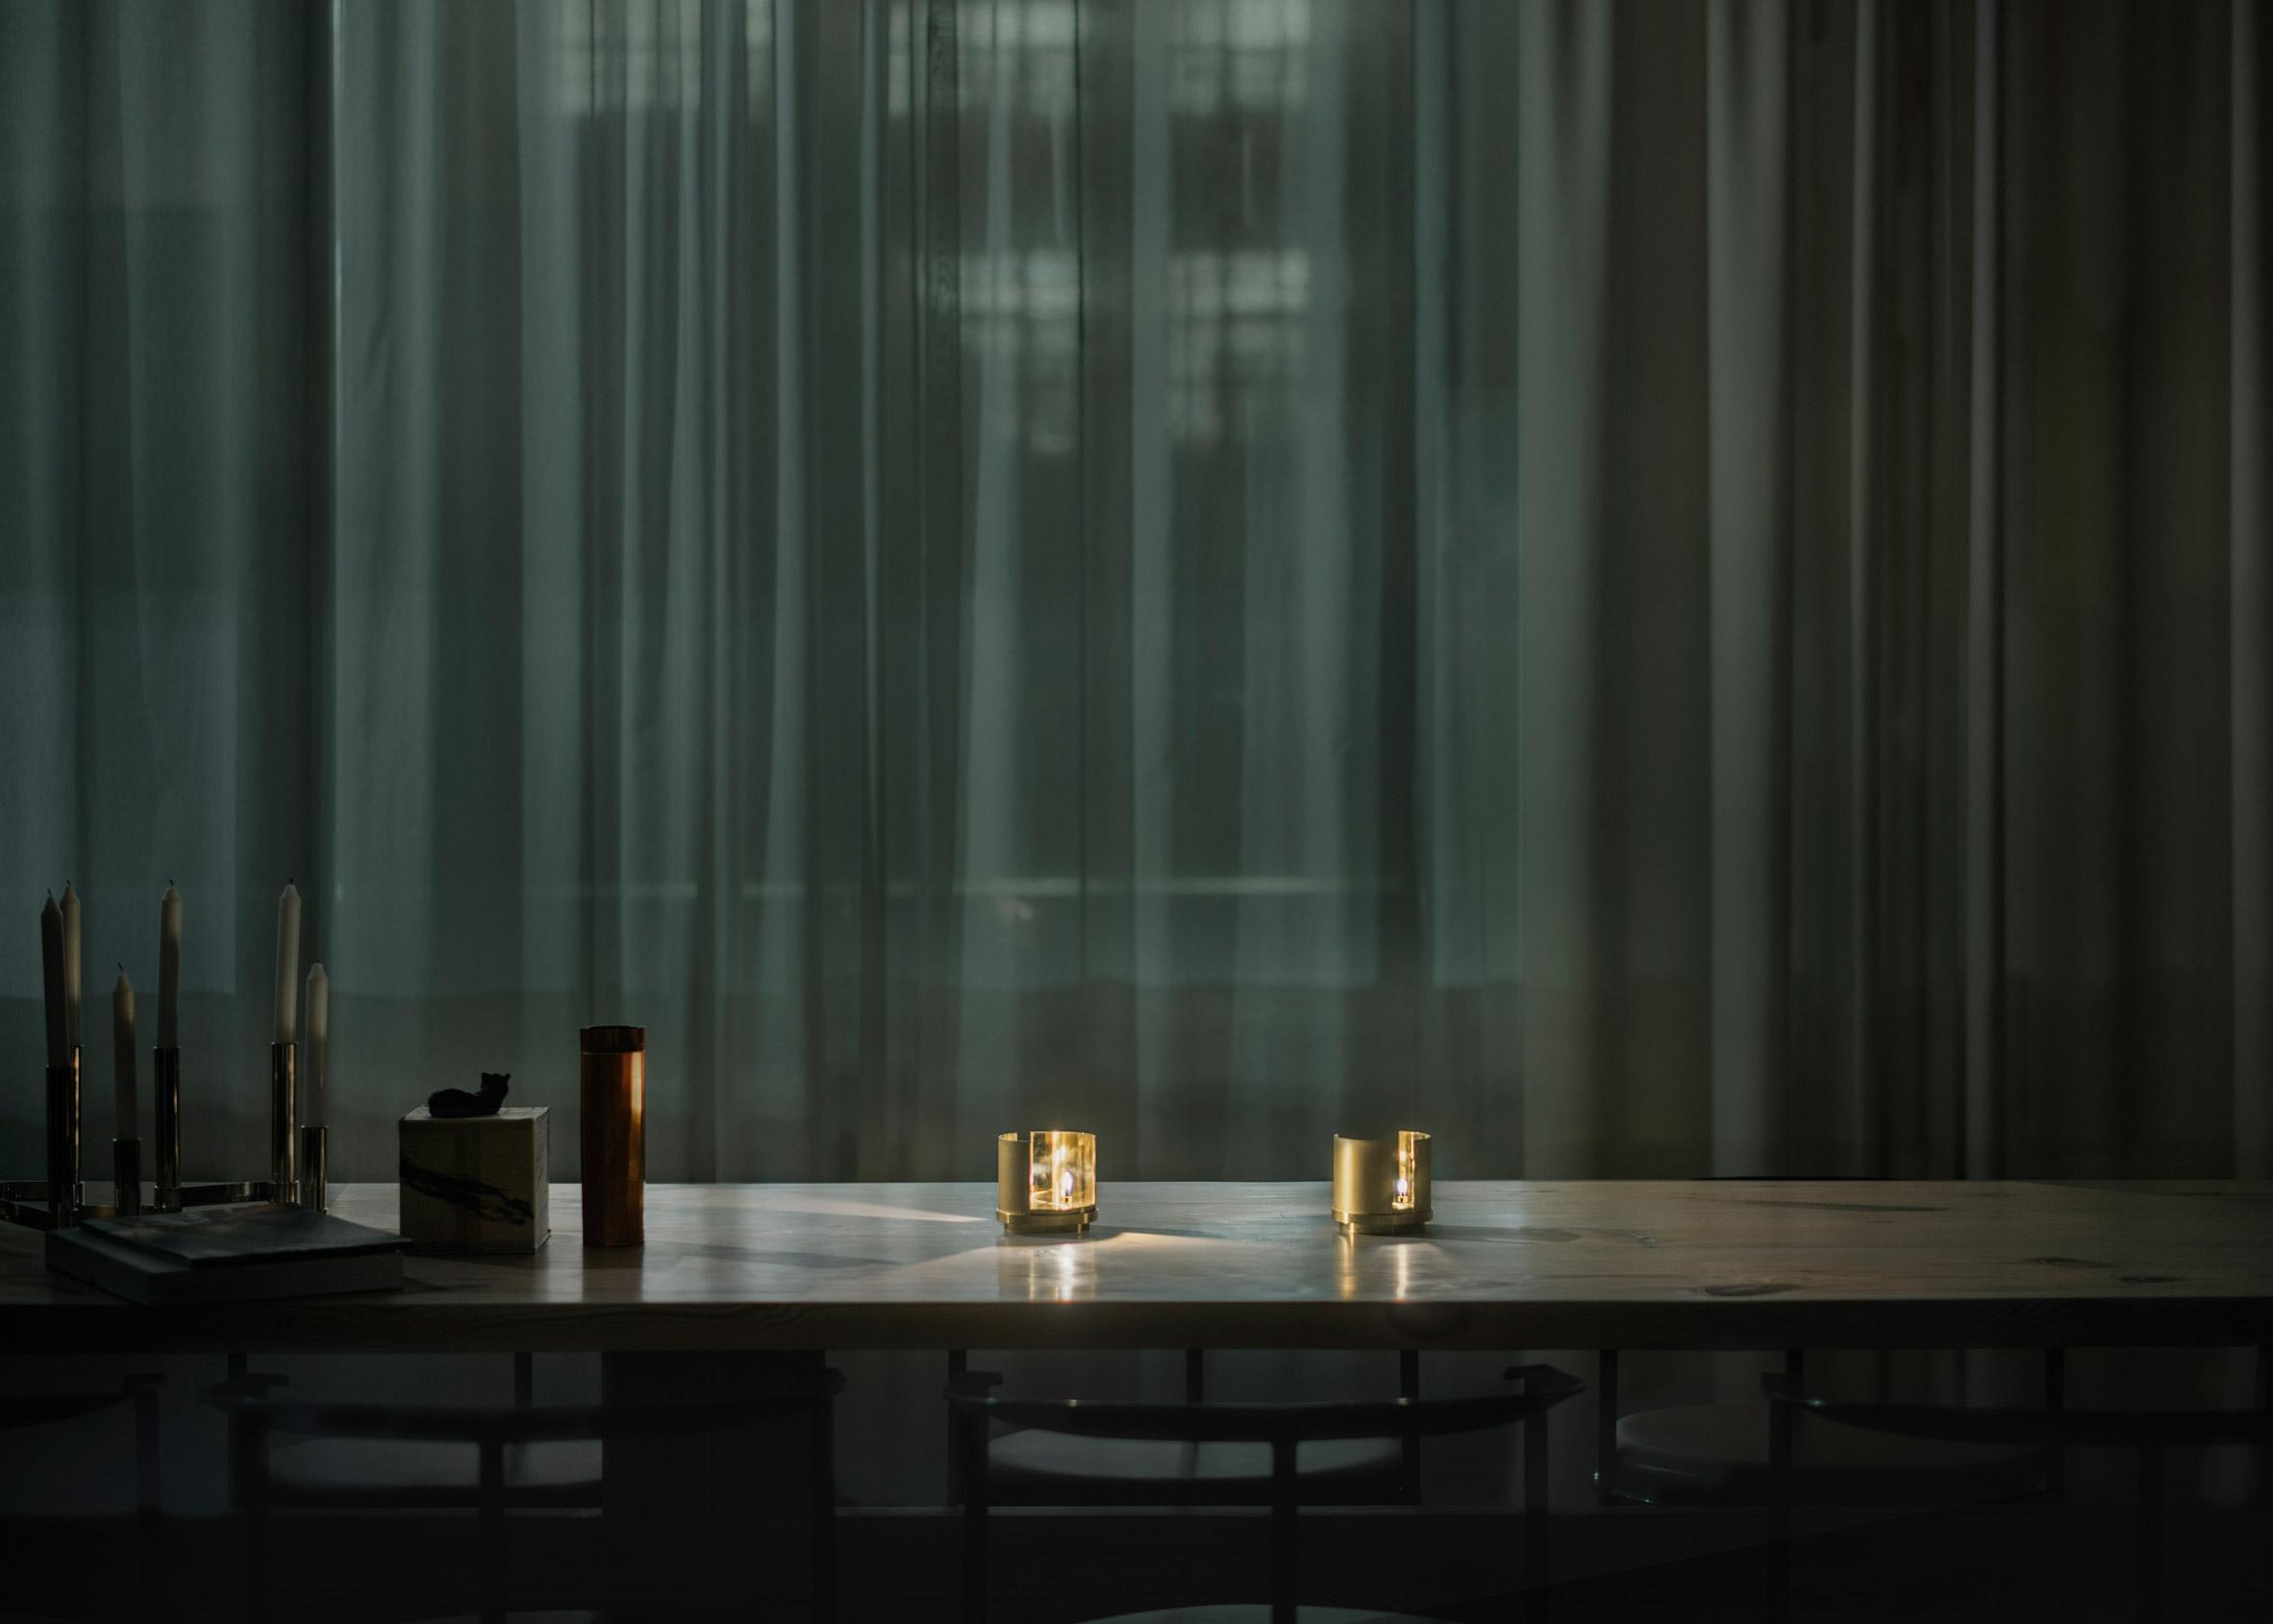 Stockholm: Holocene intimate illuminations by Wastberg